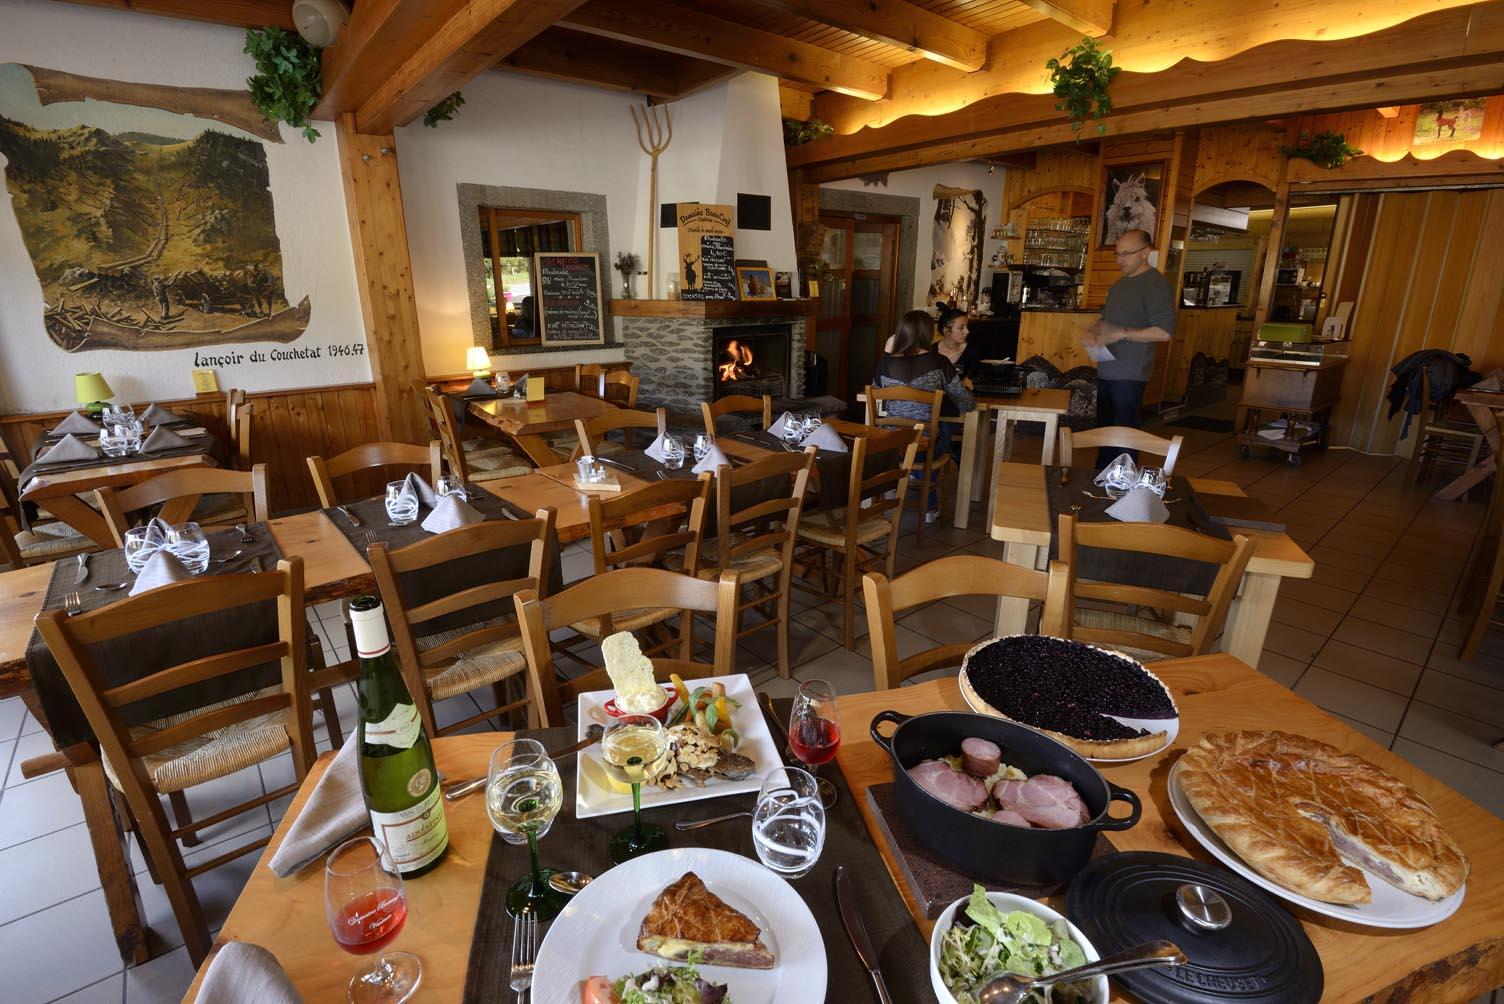 Auberge le Couchetat, restaurant, La Bresse, Les Vosges, spécialités montagnardes, raclette, fondue, spécialités Vosgiennes, gastronomie, réservations, carte et menus